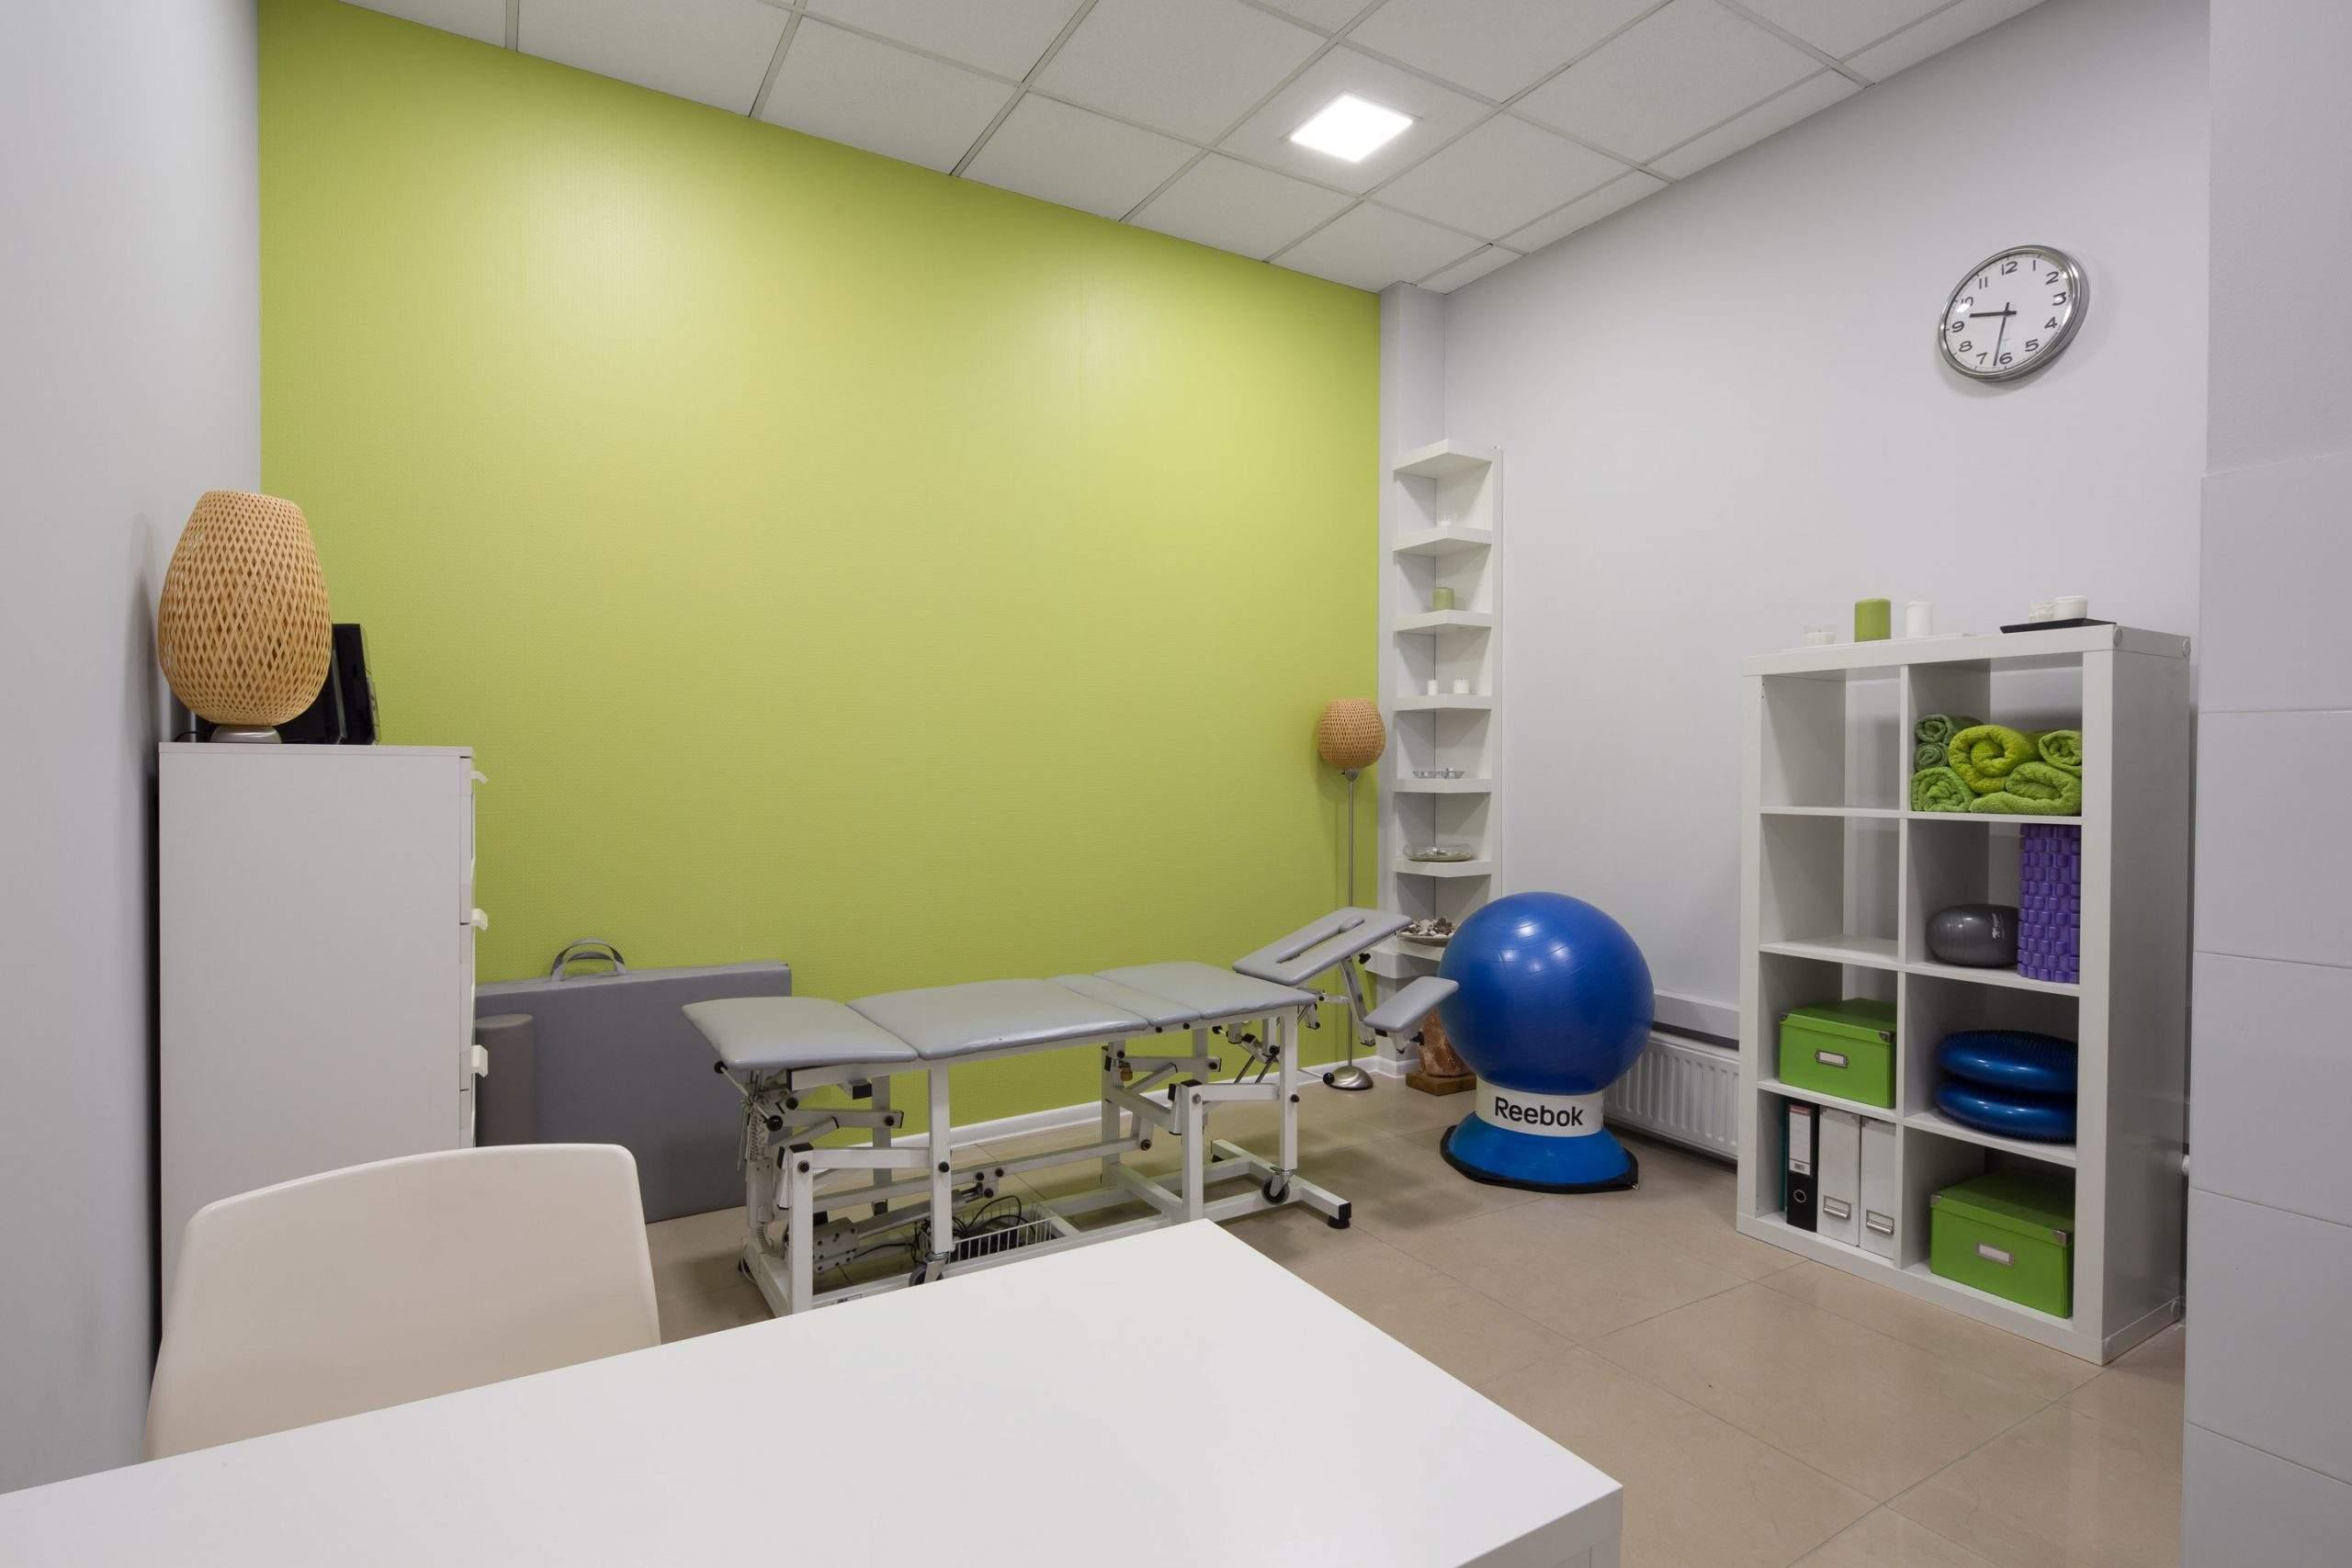 gabinet rehabilitacji i masażu gotowy do pracy i w oczekiwaniu na kolejnego pacjenta